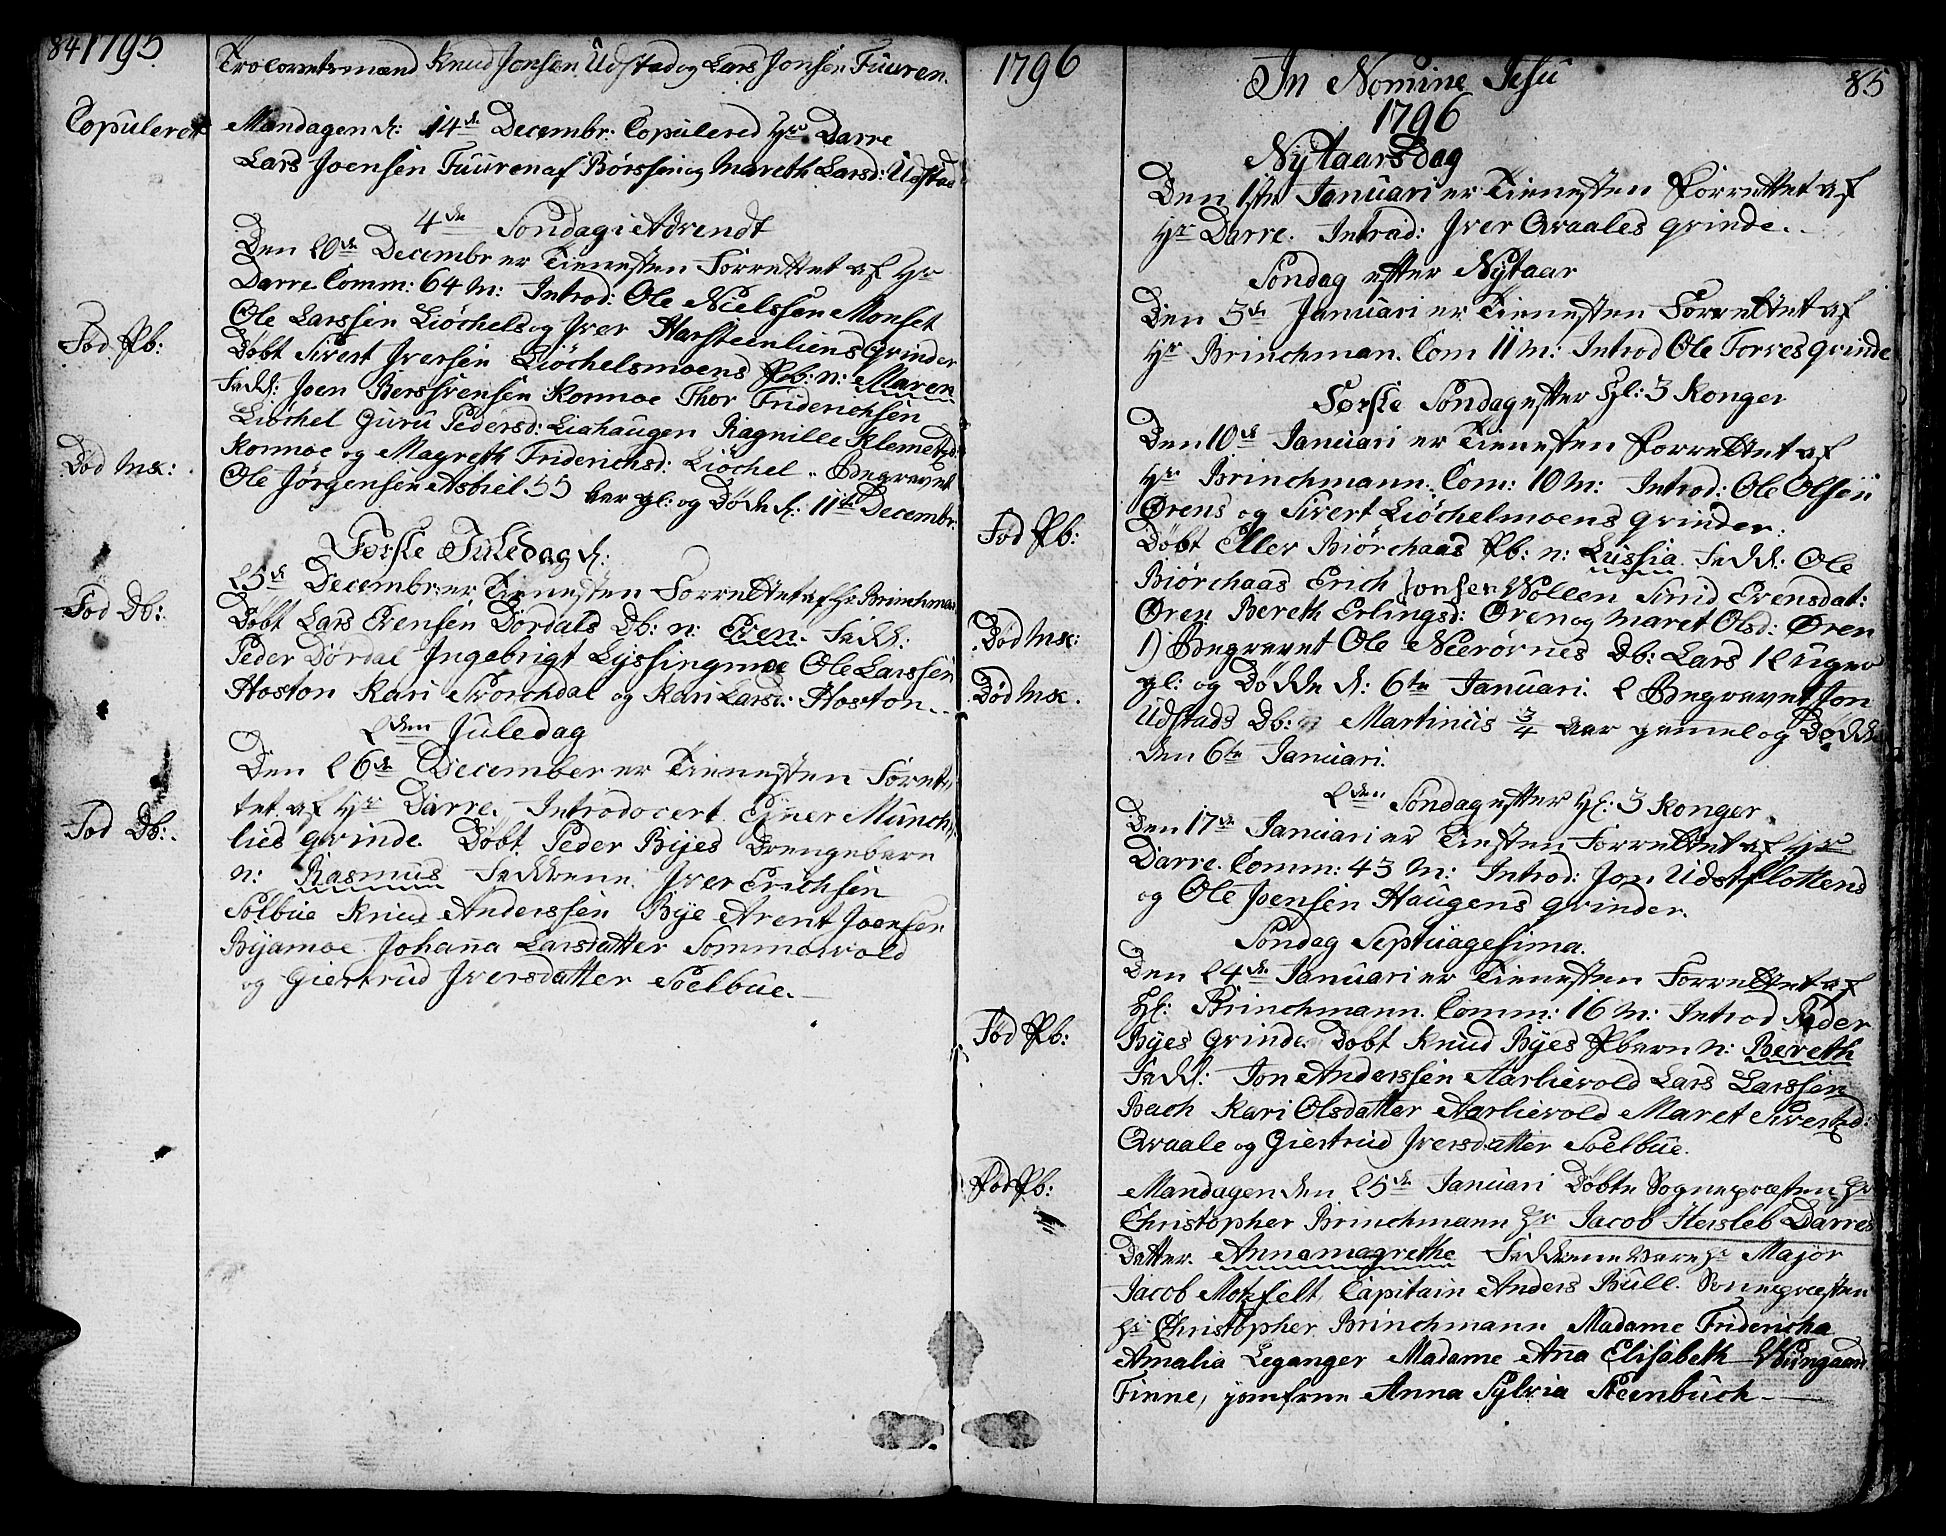 SAT, Ministerialprotokoller, klokkerbøker og fødselsregistre - Sør-Trøndelag, 668/L0815: Klokkerbok nr. 668C04, 1791-1815, s. 84-85